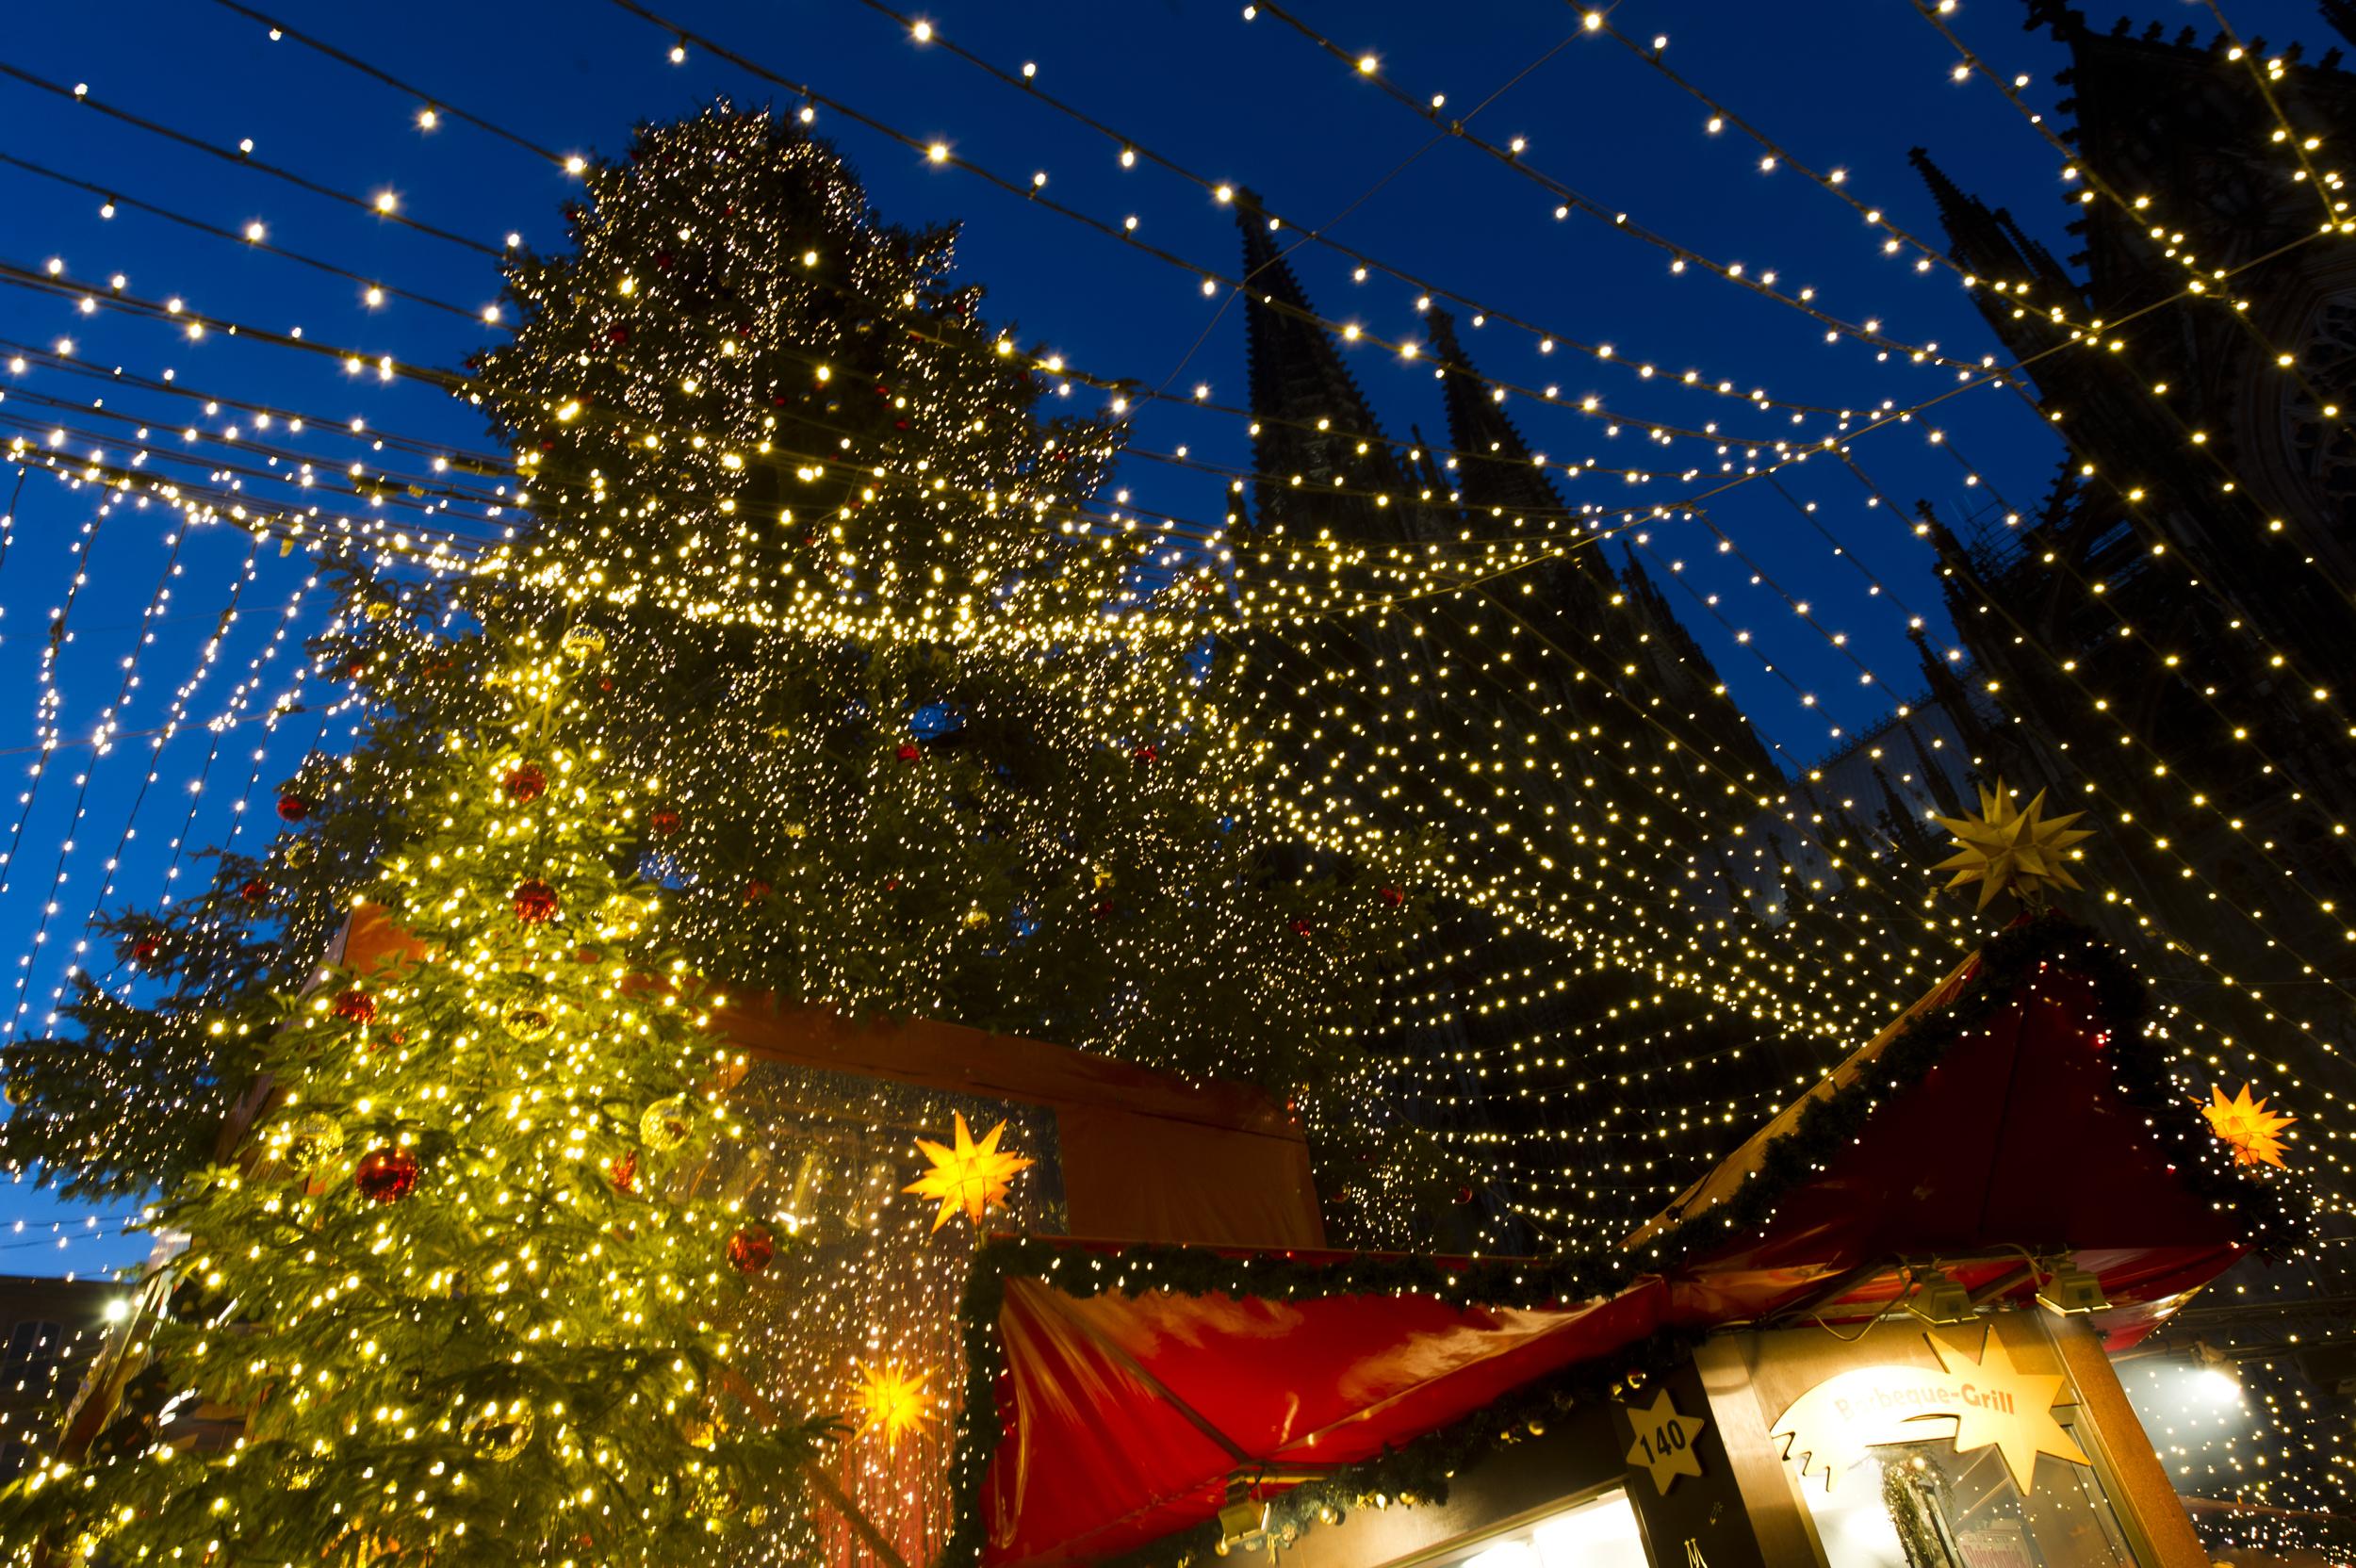 20131214_kerstmarktKoln_15.jpeg